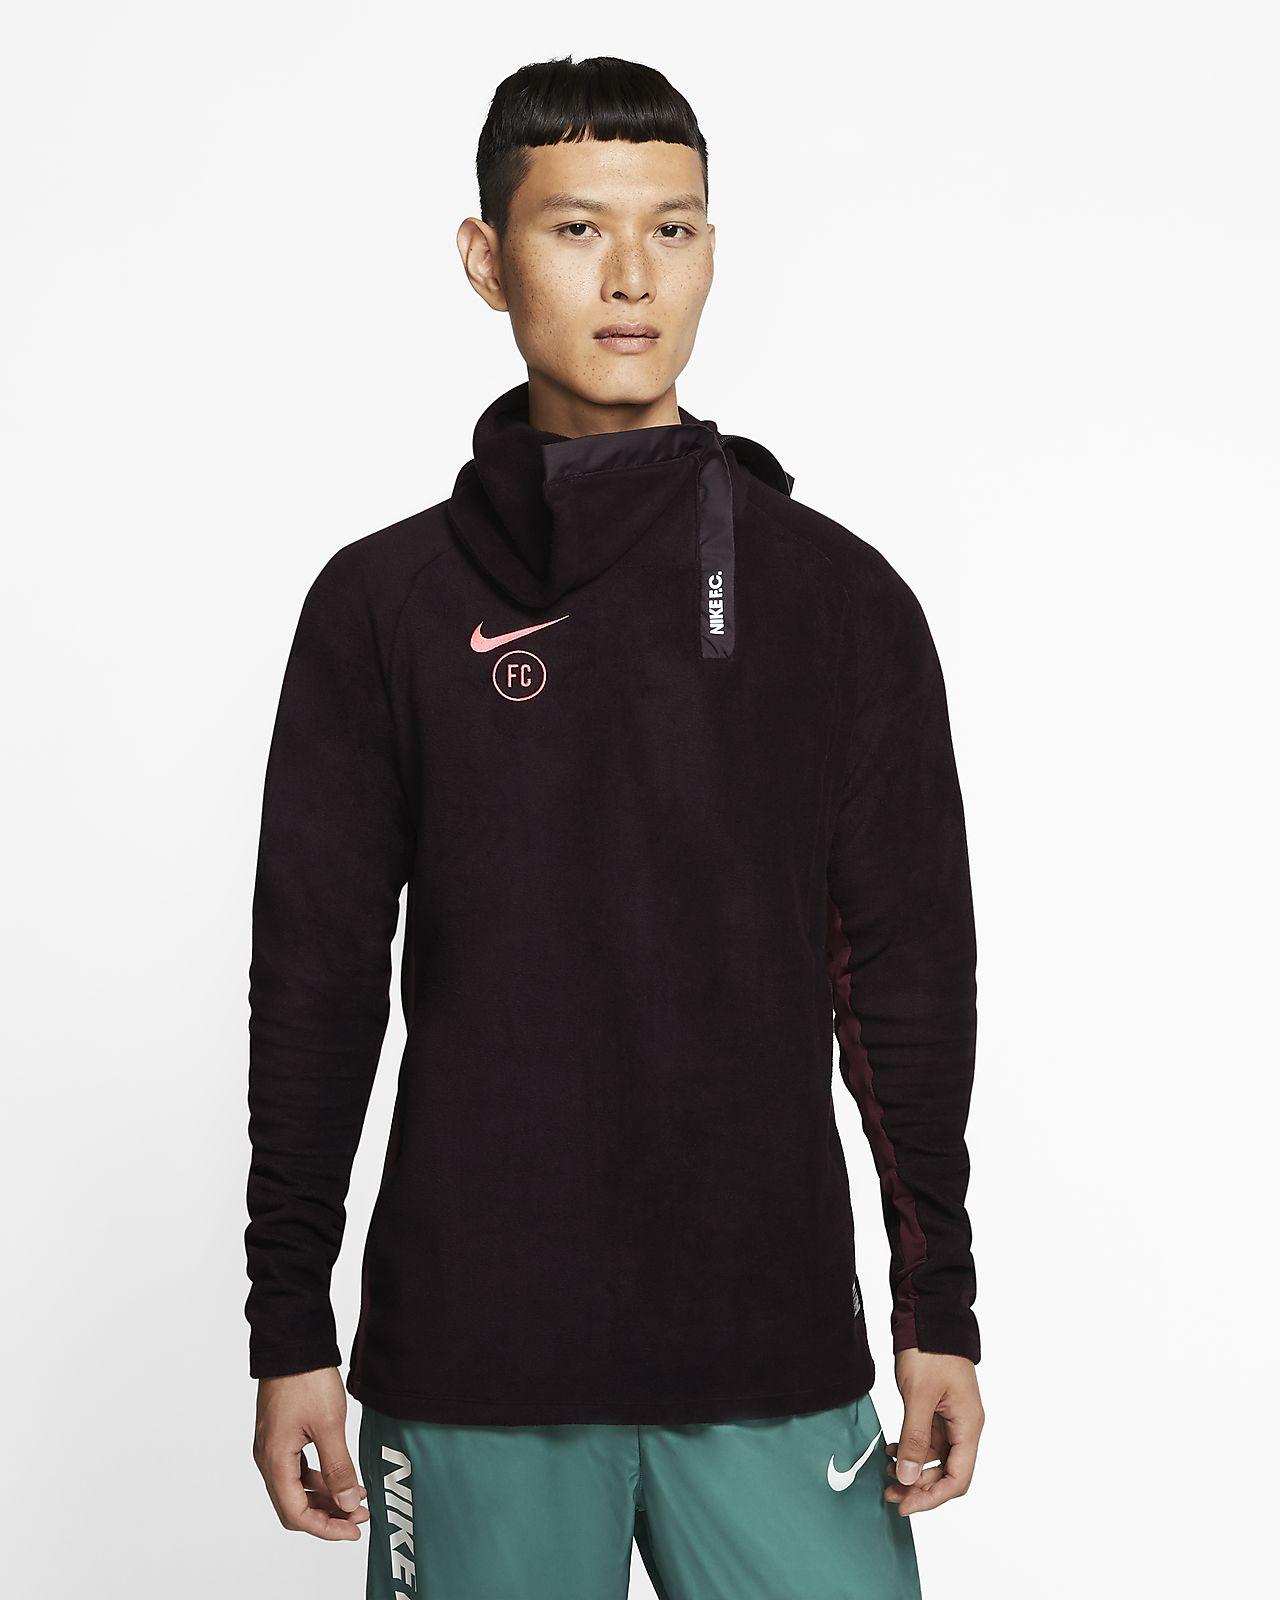 Nike F.C. Erkek Futbol Antrenman Üstü